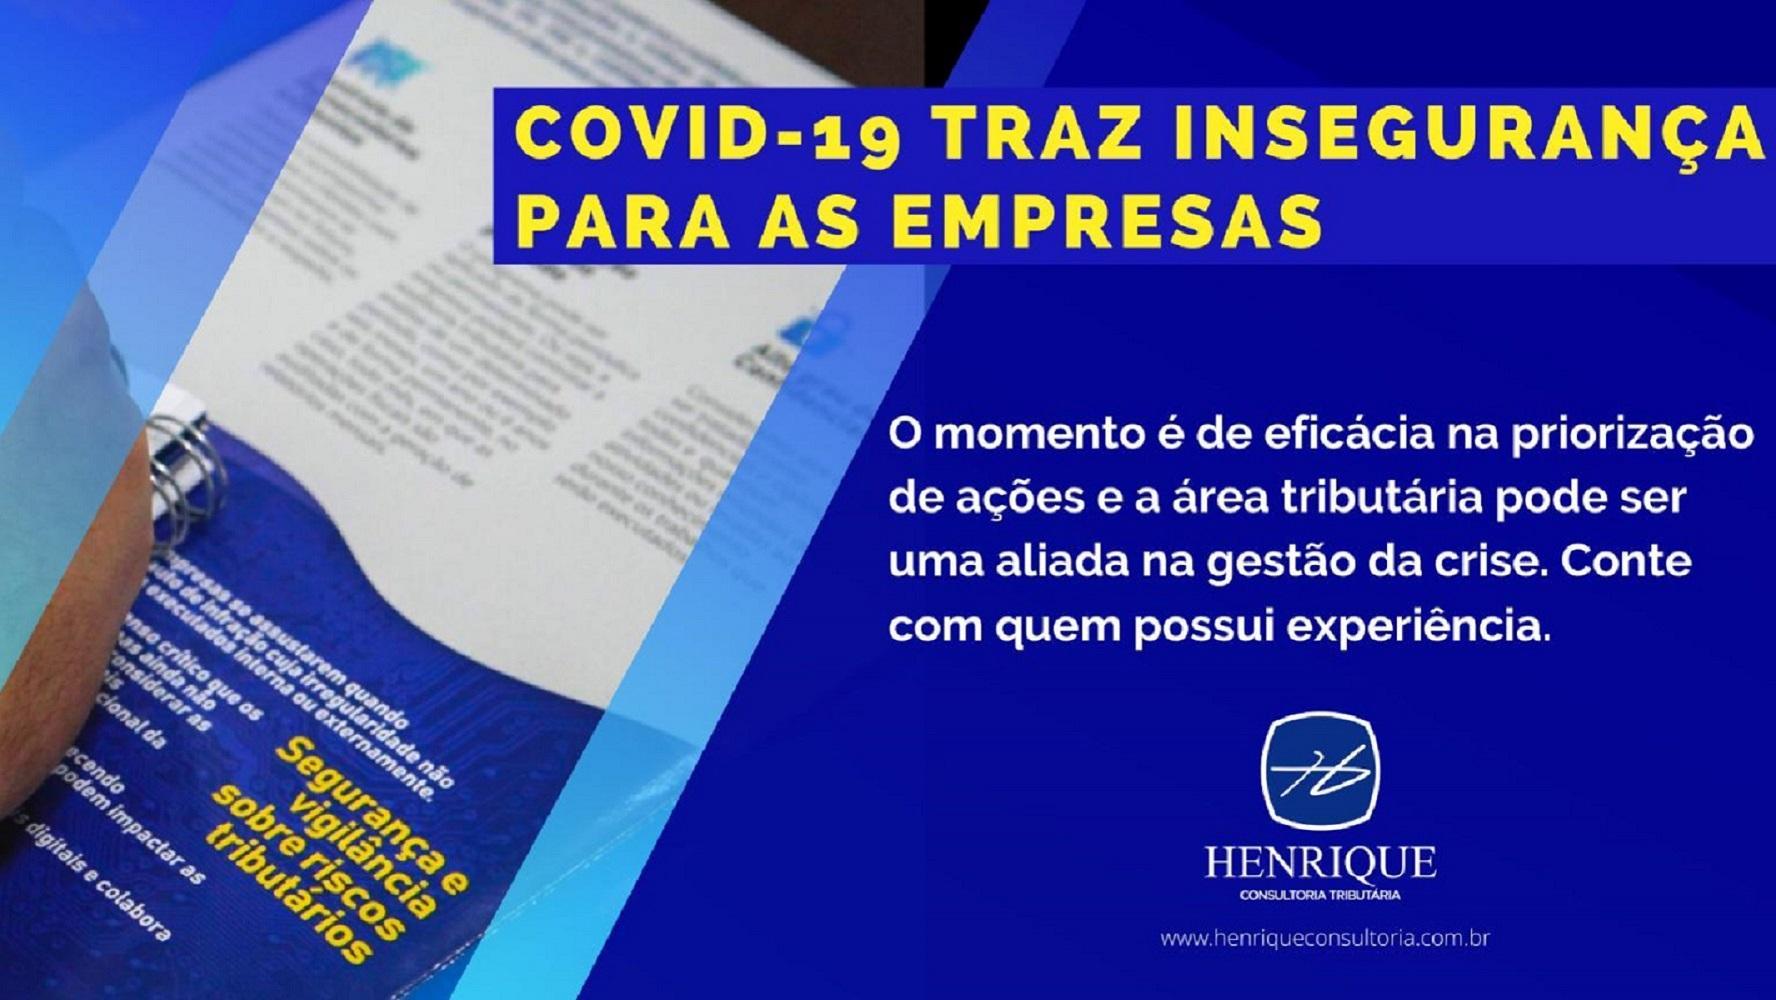 Imagem COVID-19 trás insegurança para as empresas